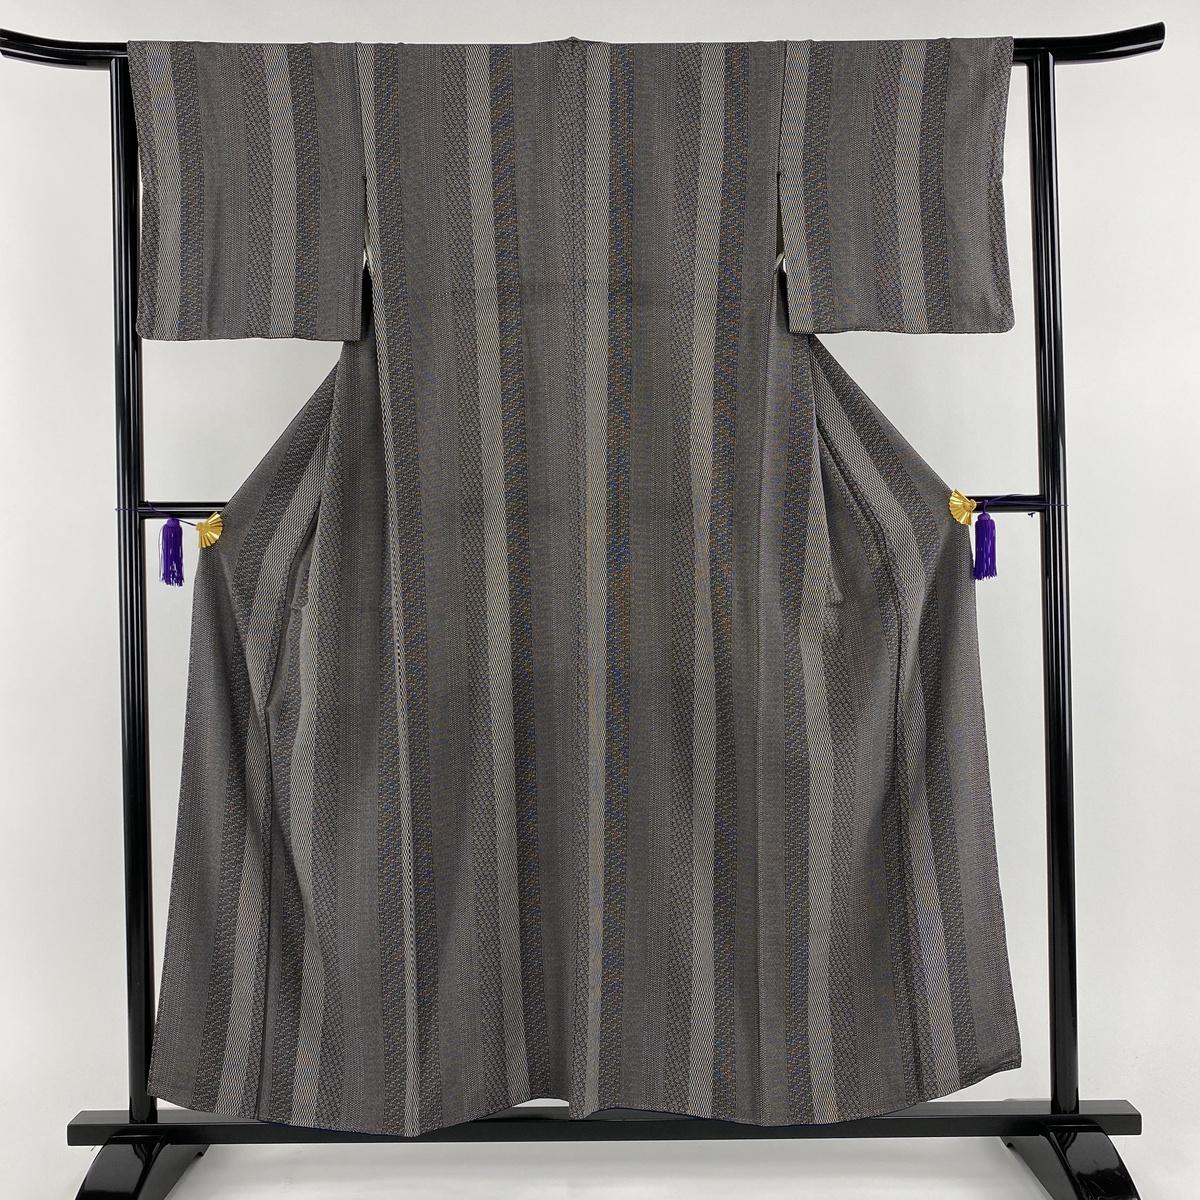 江戸小紋 美品 秀品 縦縞 寄せ柄 濃紫 袷 身丈156.5cm 裄丈63.5cm S 正絹 【中古】